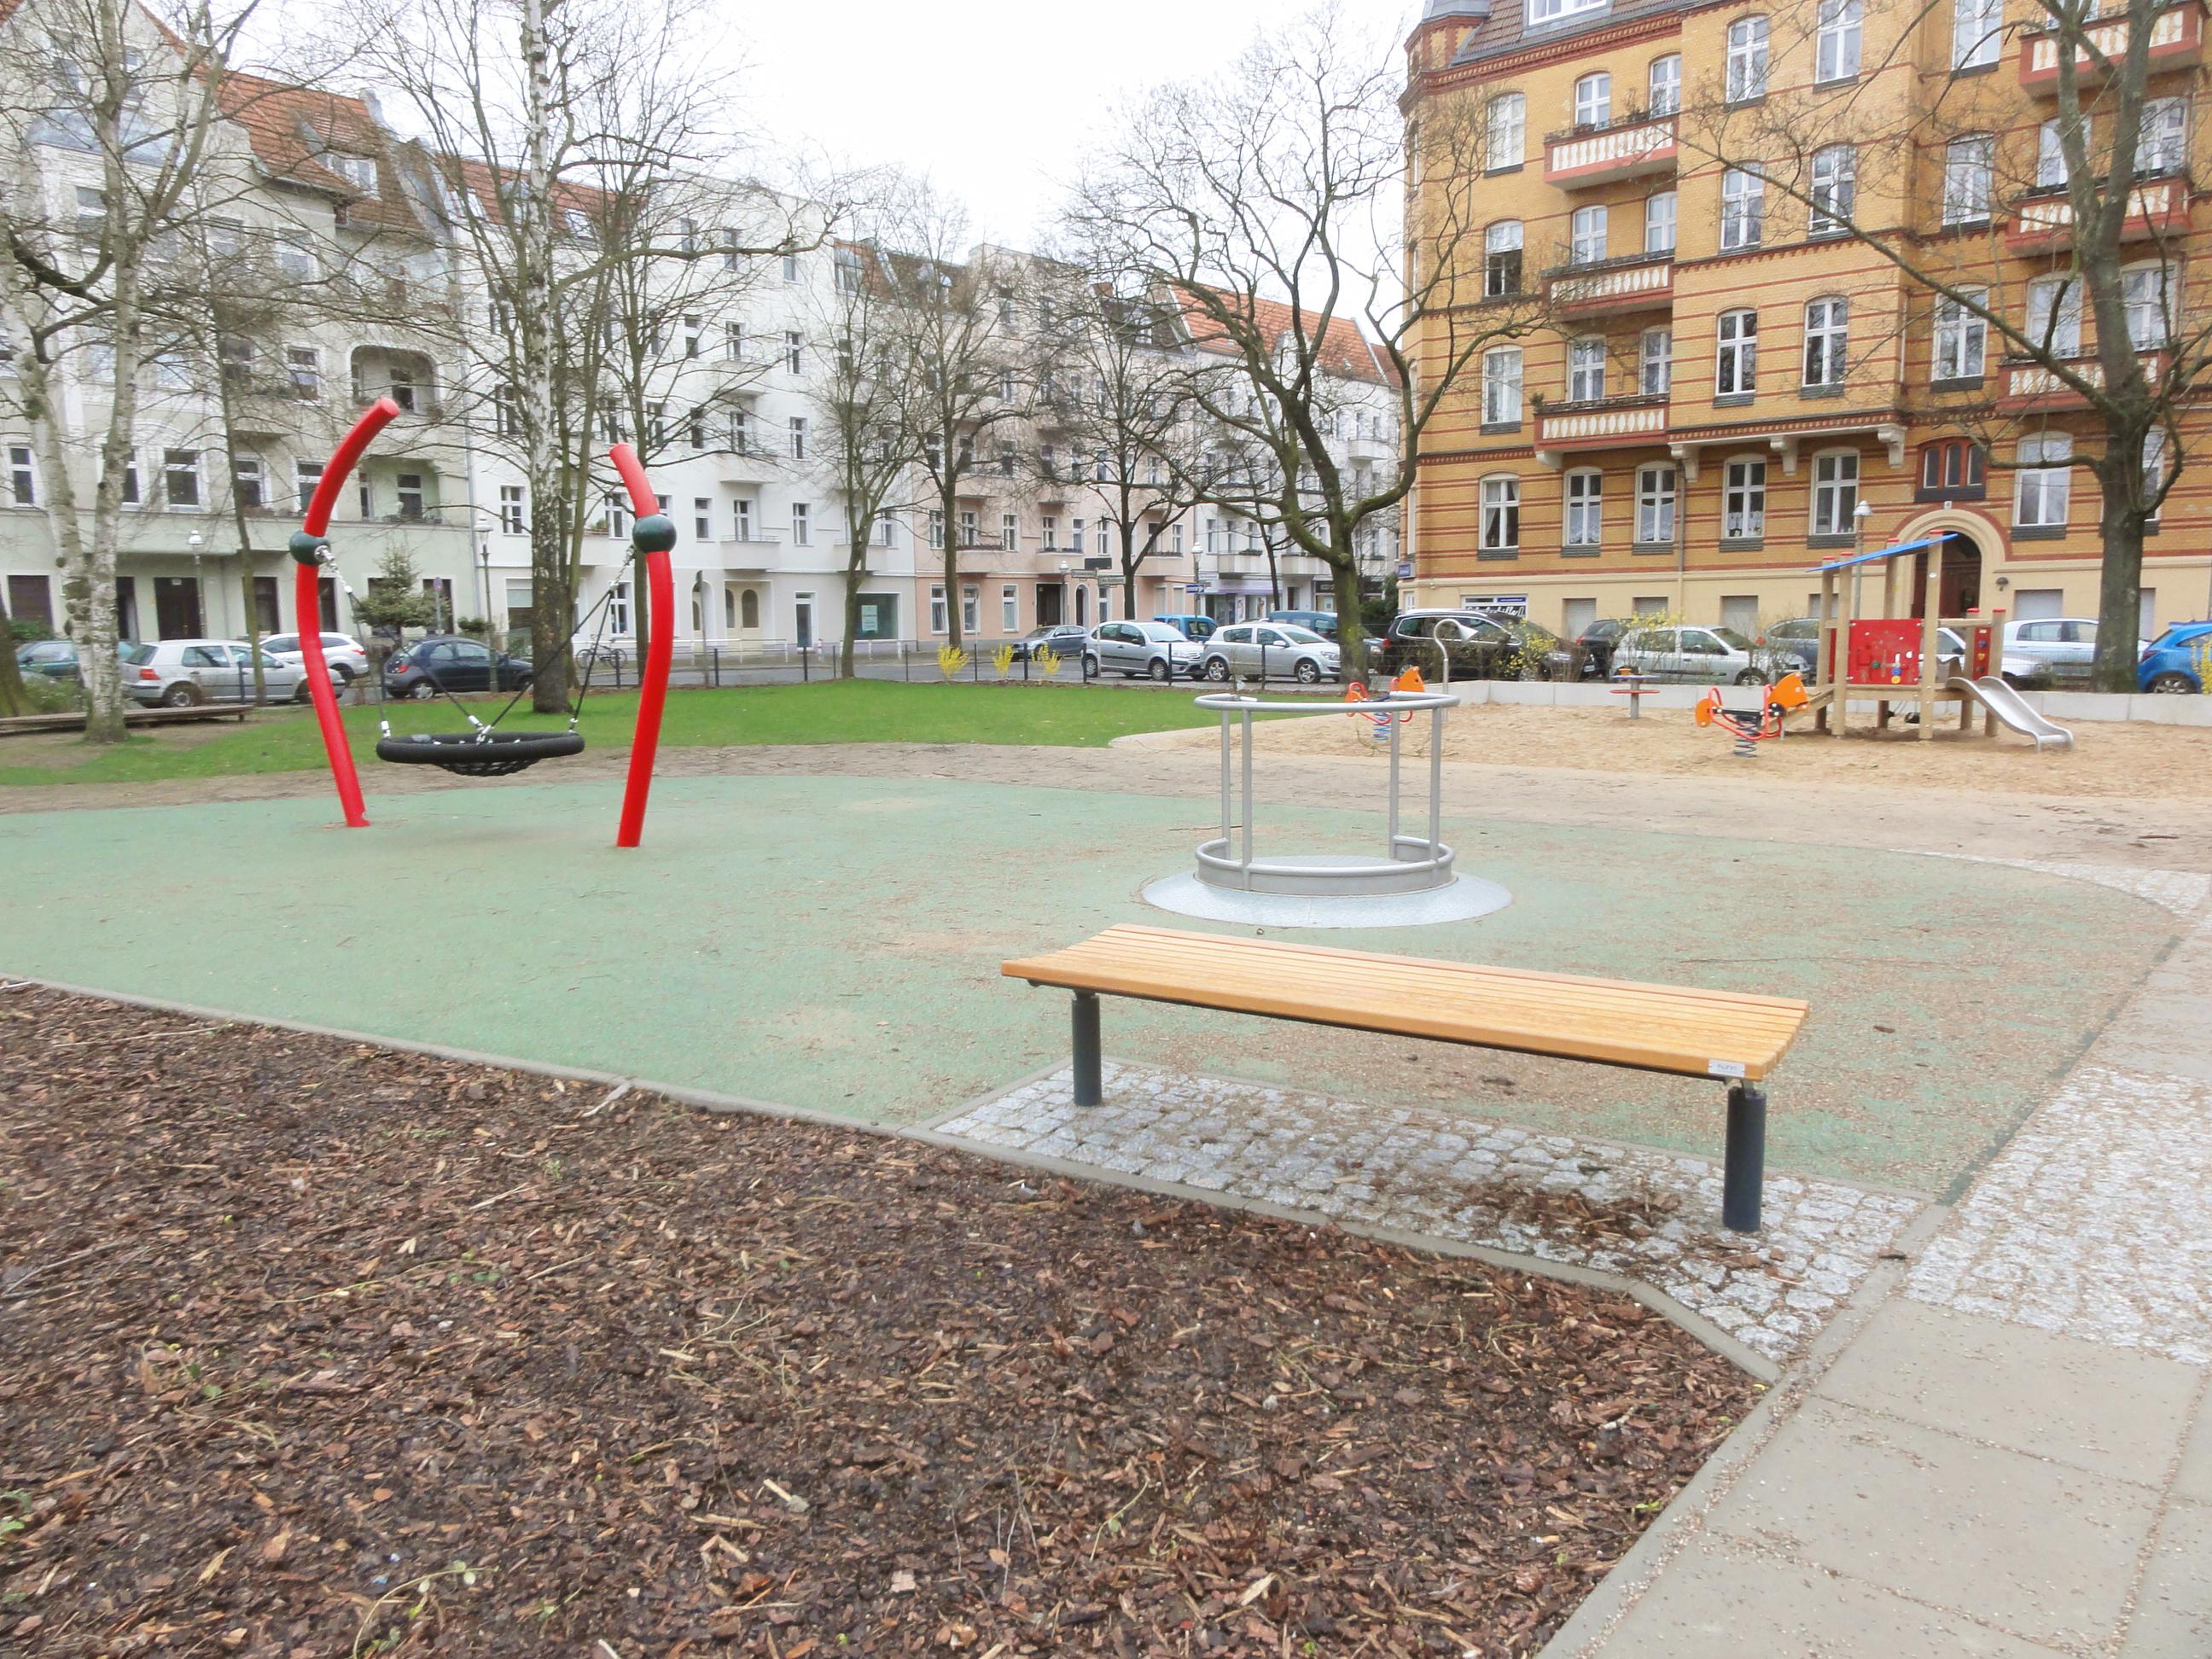 Spielplatz Buddeplatz